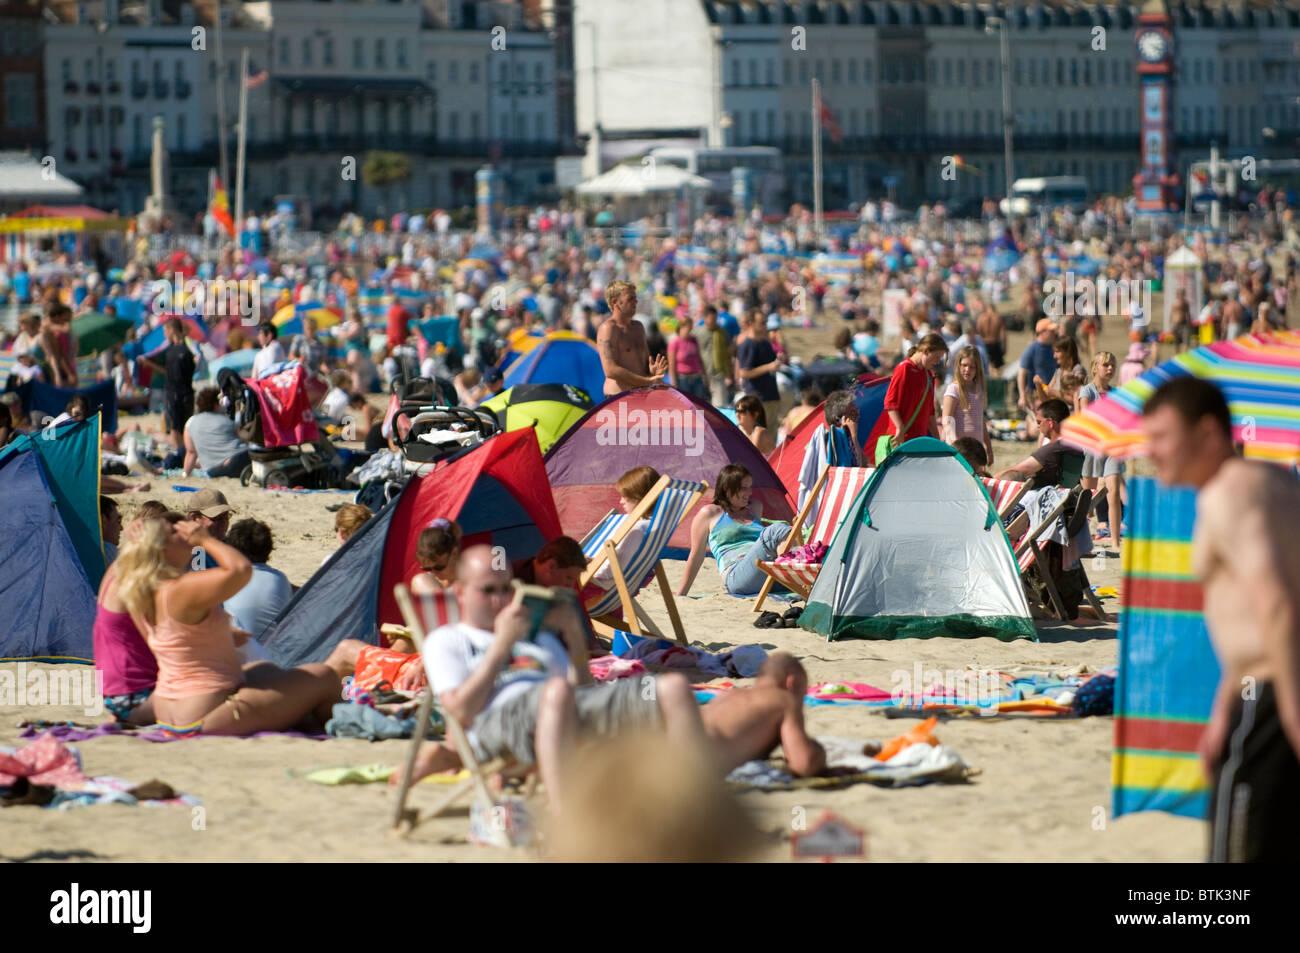 sunseeker tourists on Weymouth Beach UK - Stock Image